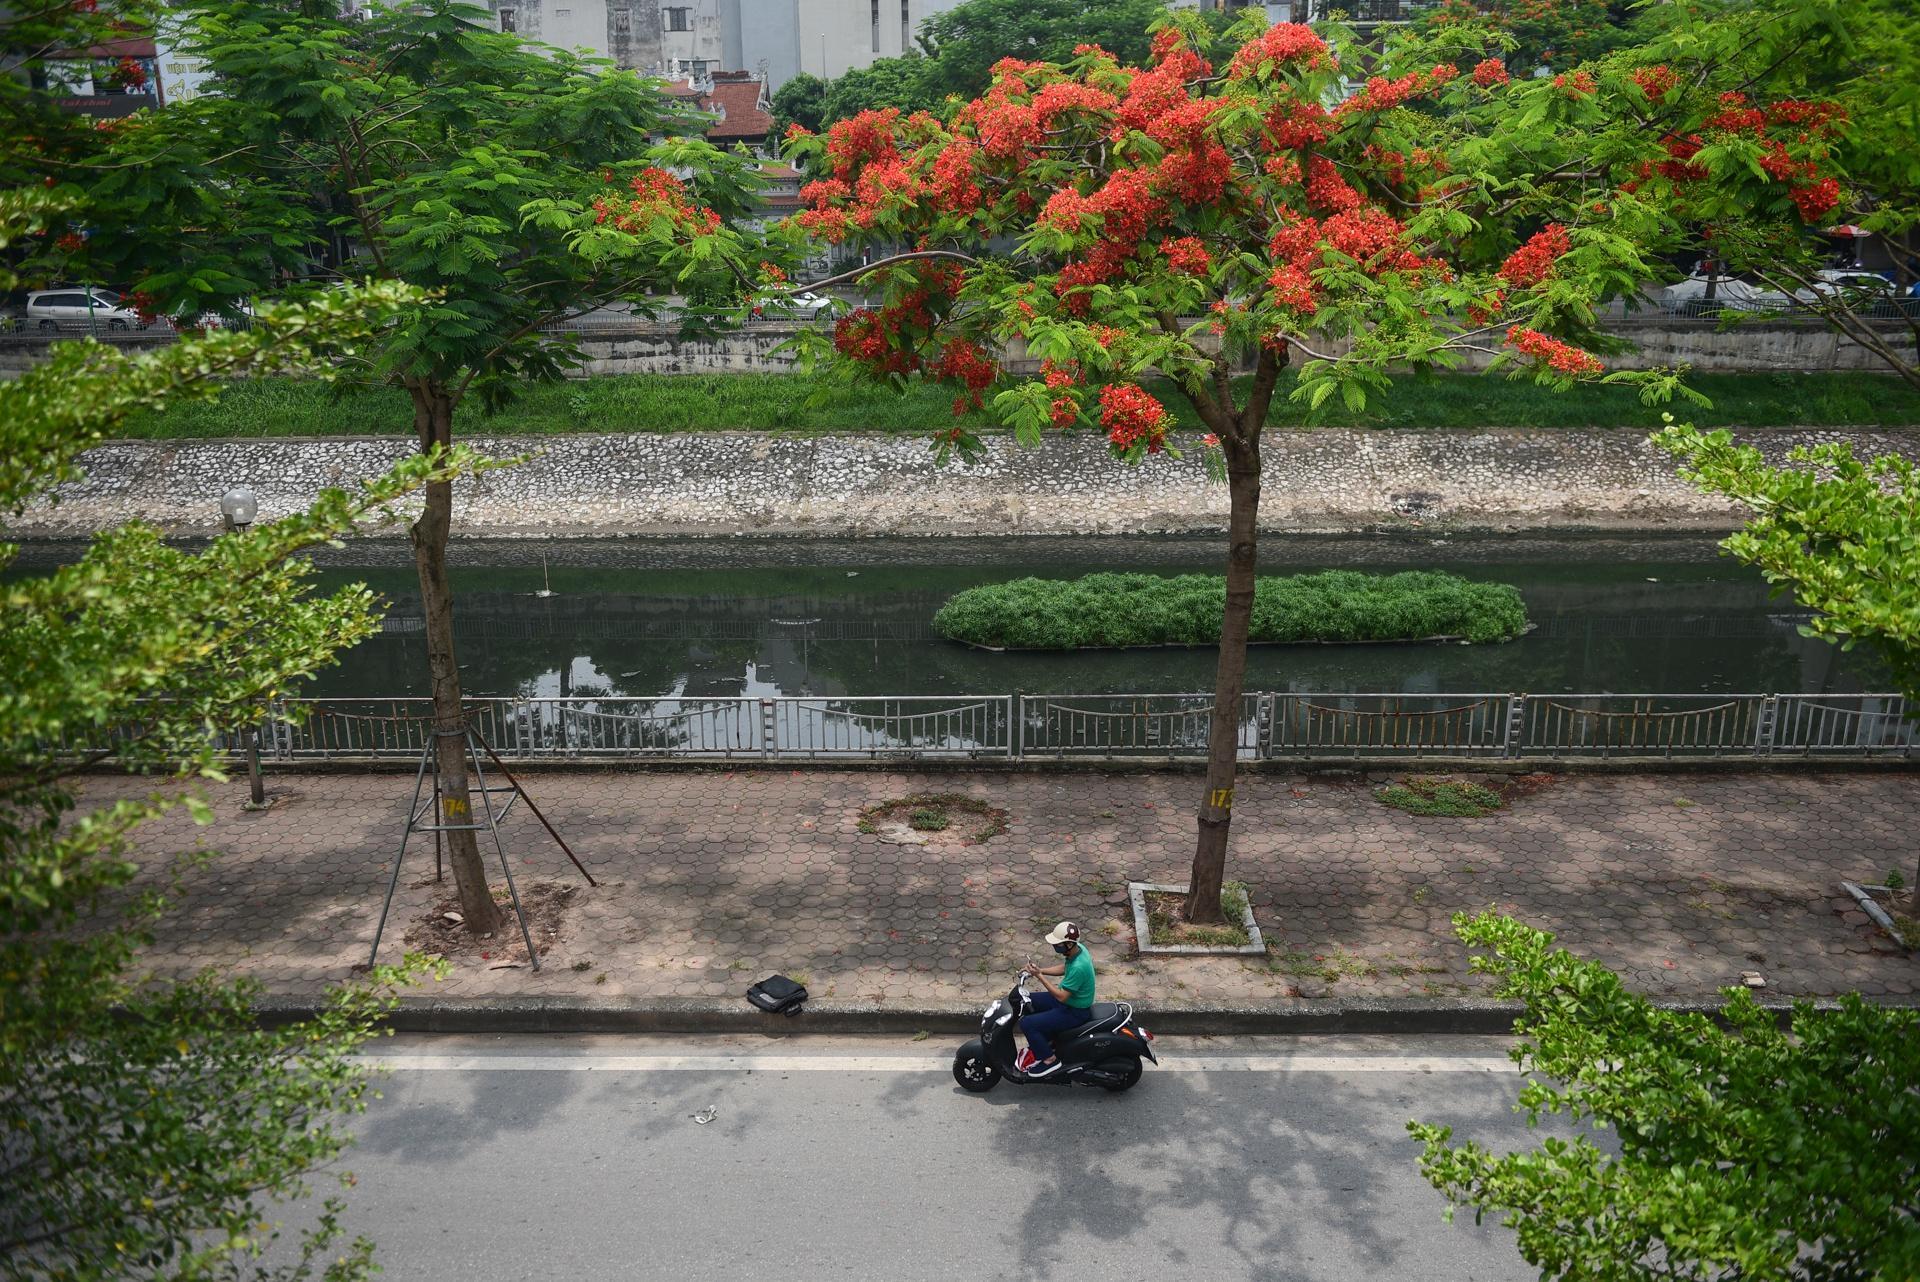 Hà Nội nơi đỏ rực rỡ nhờ hoa phượng, chỗ dát vàng bởi muồng hoàng yến Ảnh 10